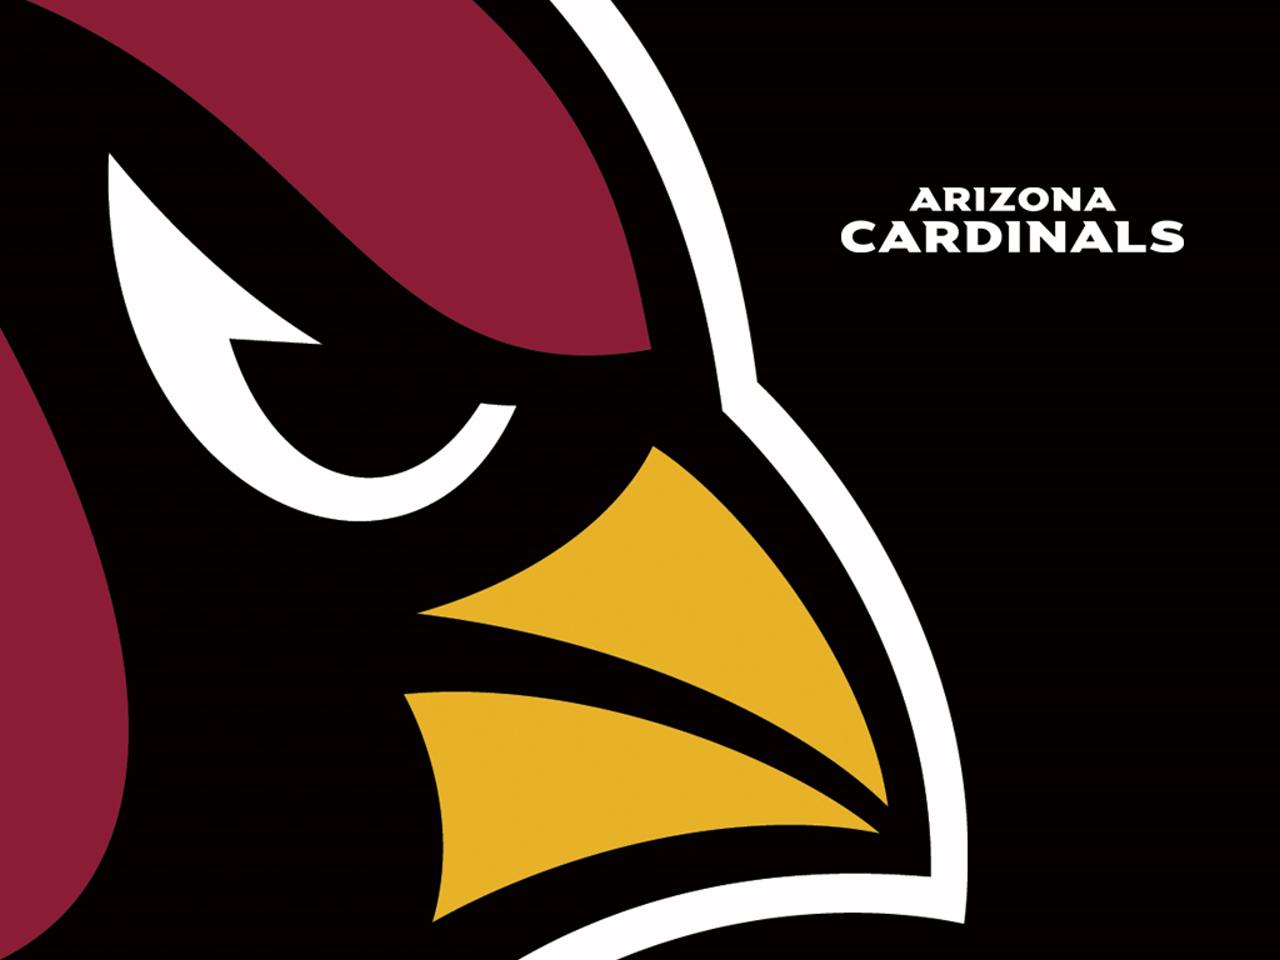 Arizona Cardinals   NFL Wallpaper 5207267 1280x960